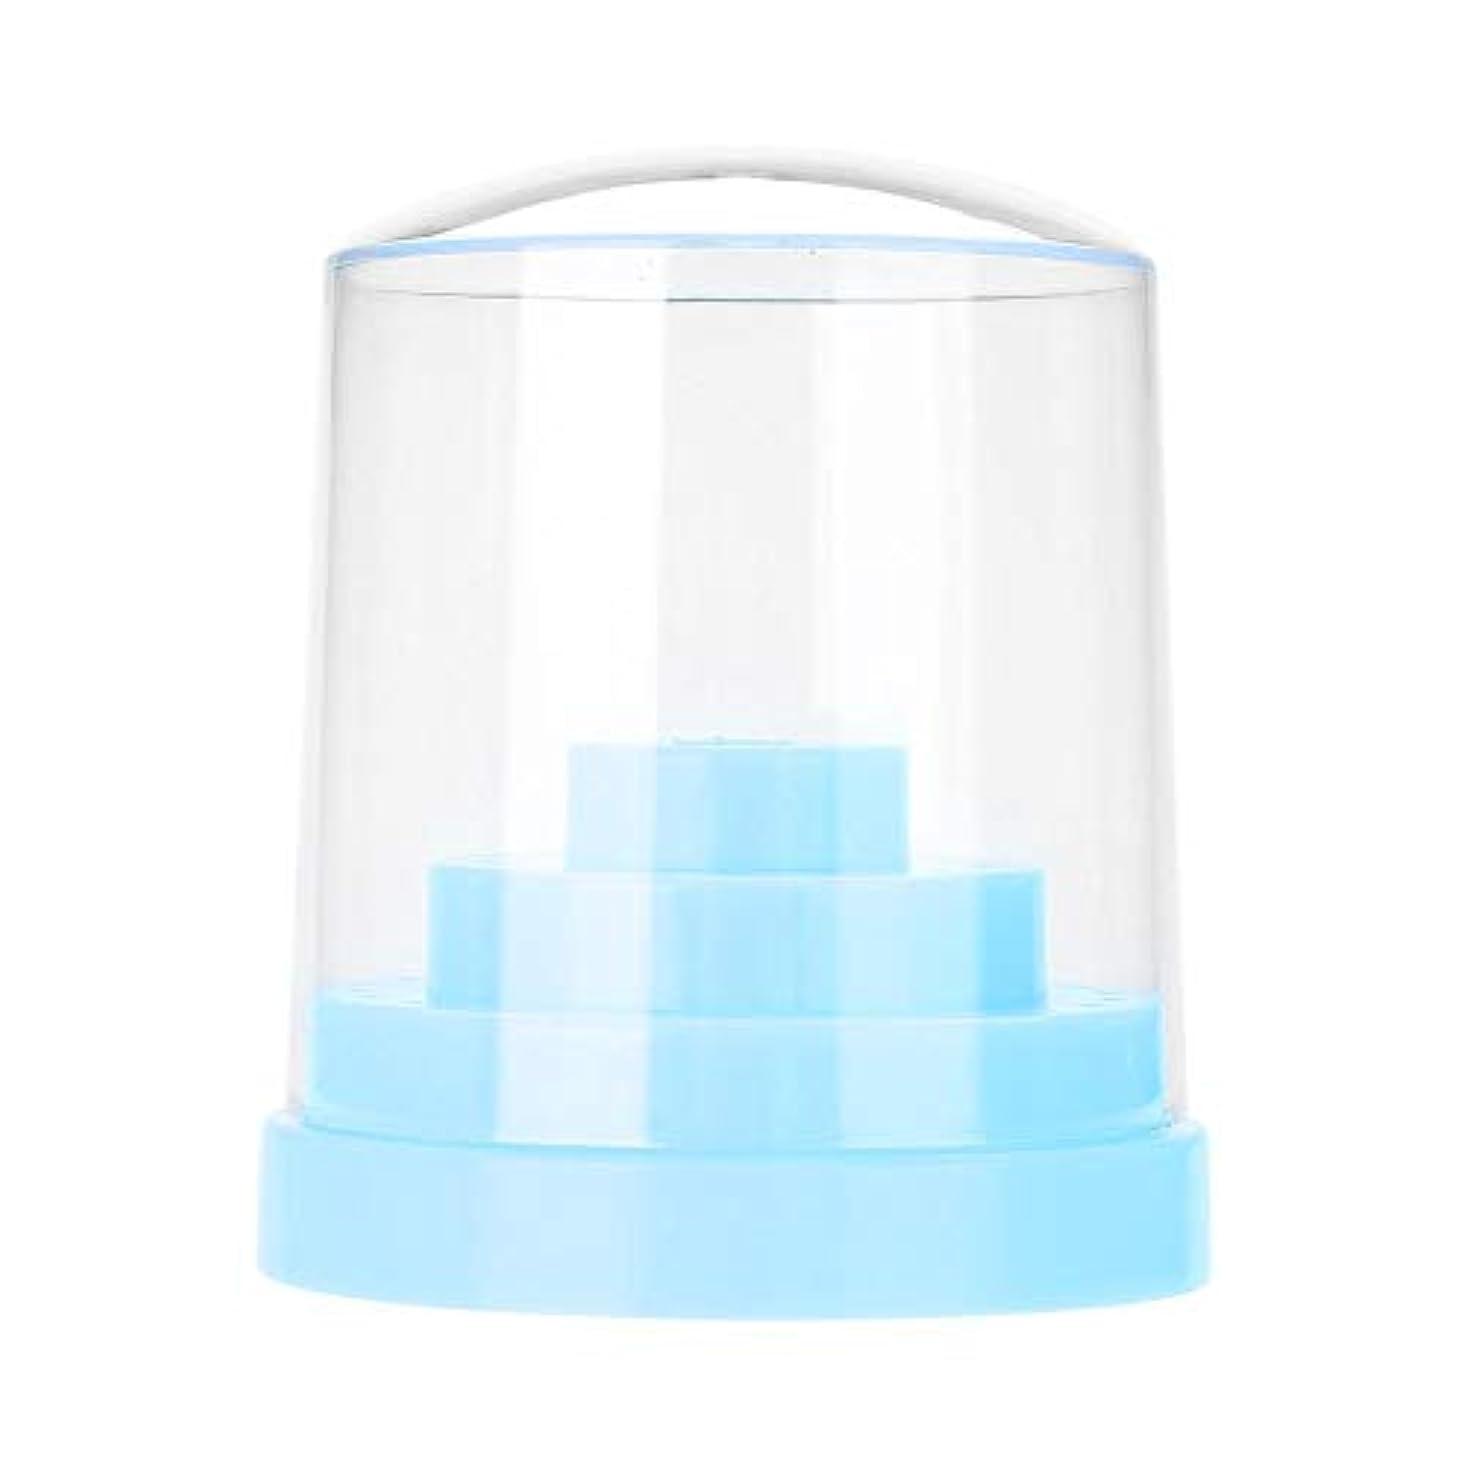 ピック技術的なアデレードネイルドリルスタンド、48穴ネイルアートプラスチックネイルケアドリルスタンドホルダードリルビットディスプレイオーガナイザーボックスアートアクセサリーネイルドリル収納ボックス(青)